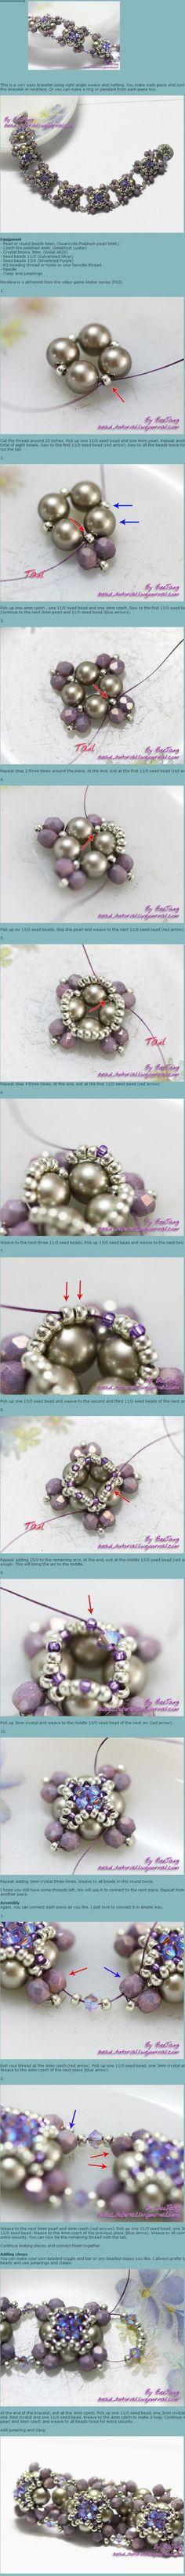 串珠手链。...来自enrhedando的图片分享-堆糖